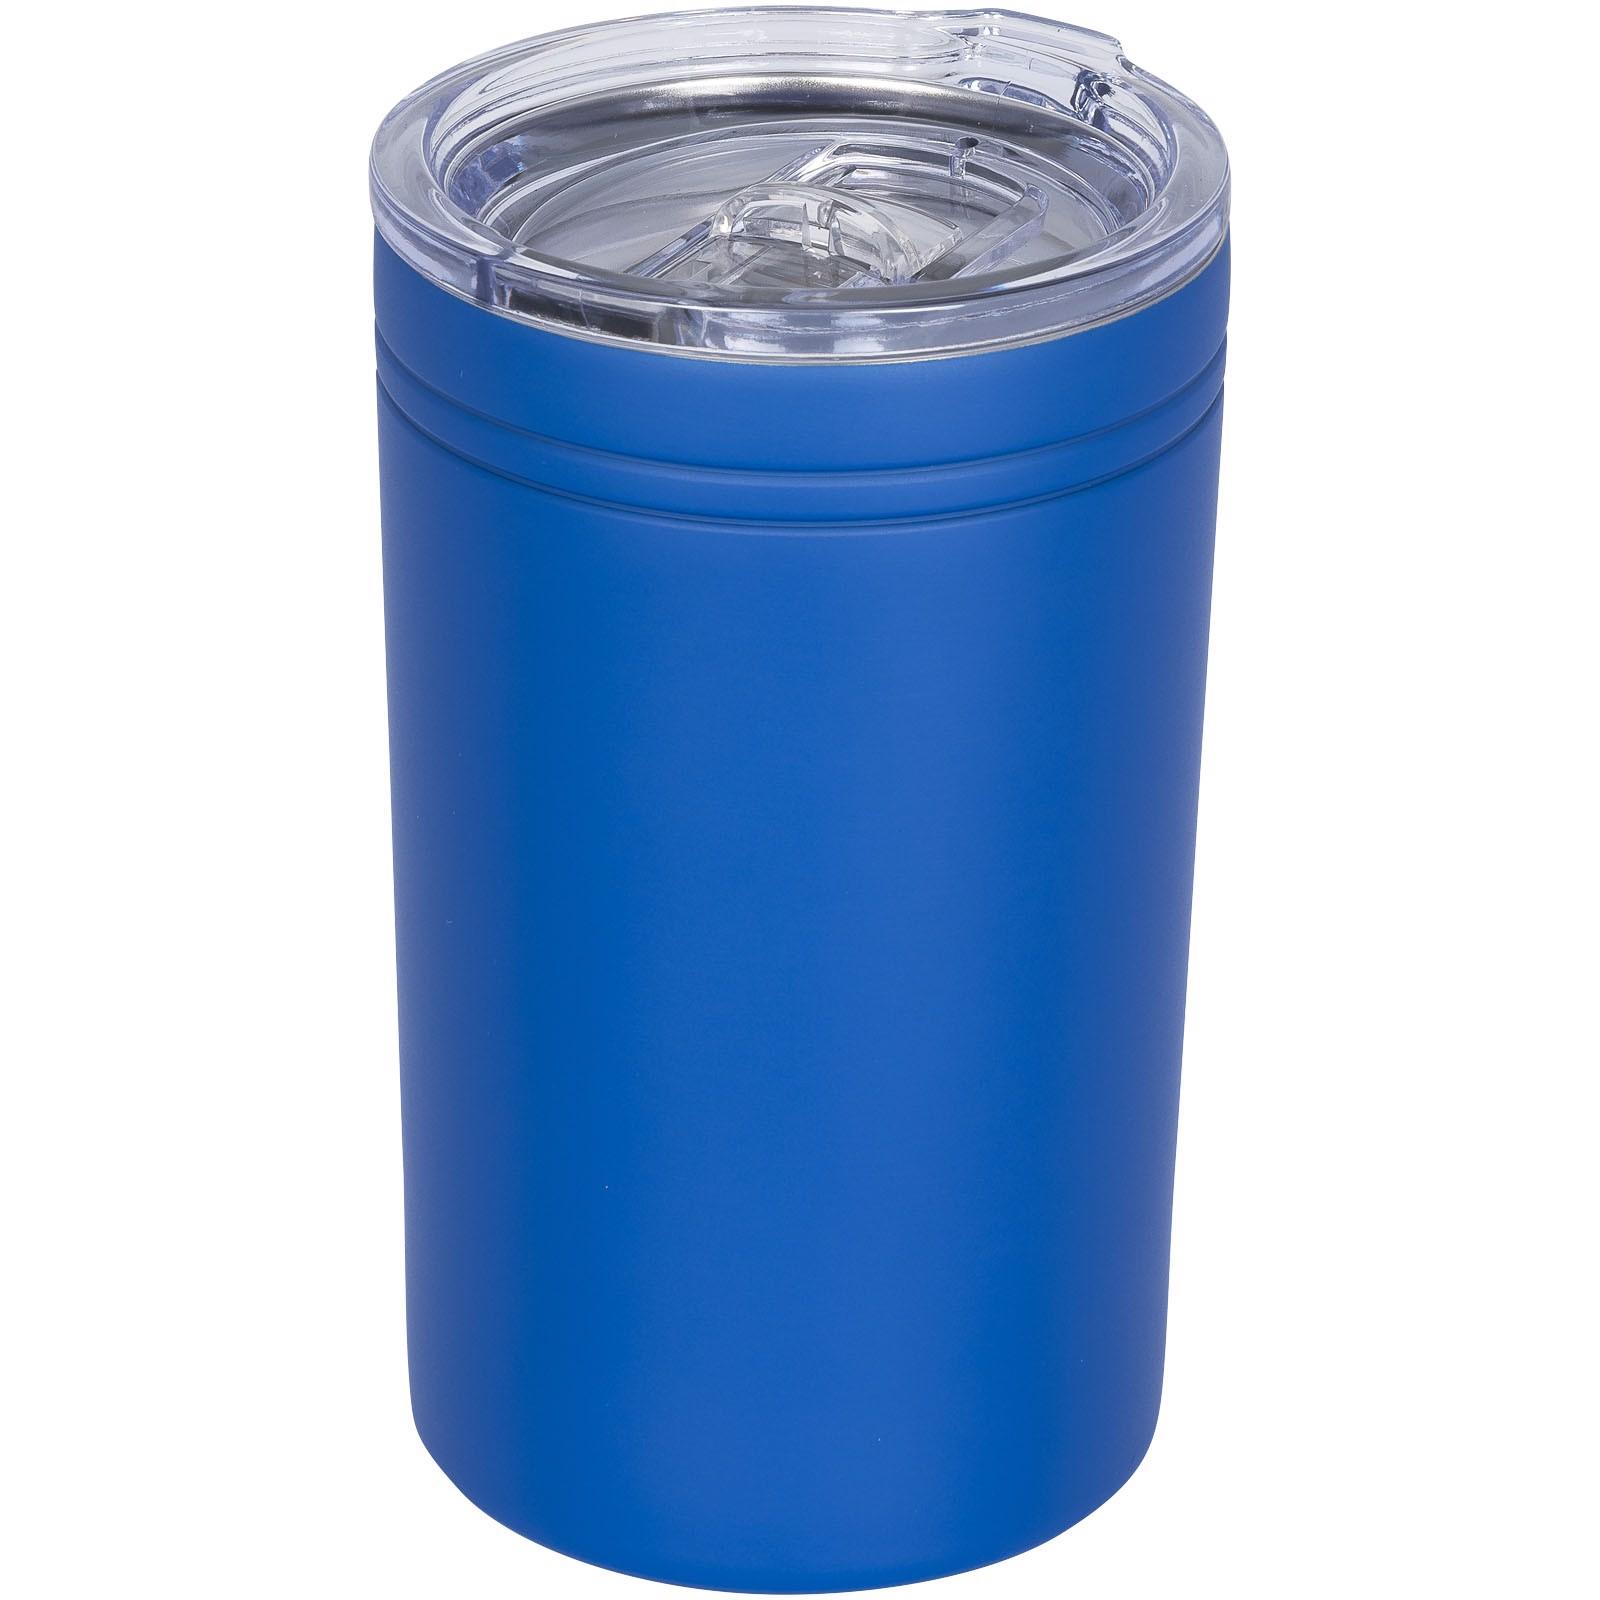 Pika 330 ml Vakuum Isolierbecher - Royalblau